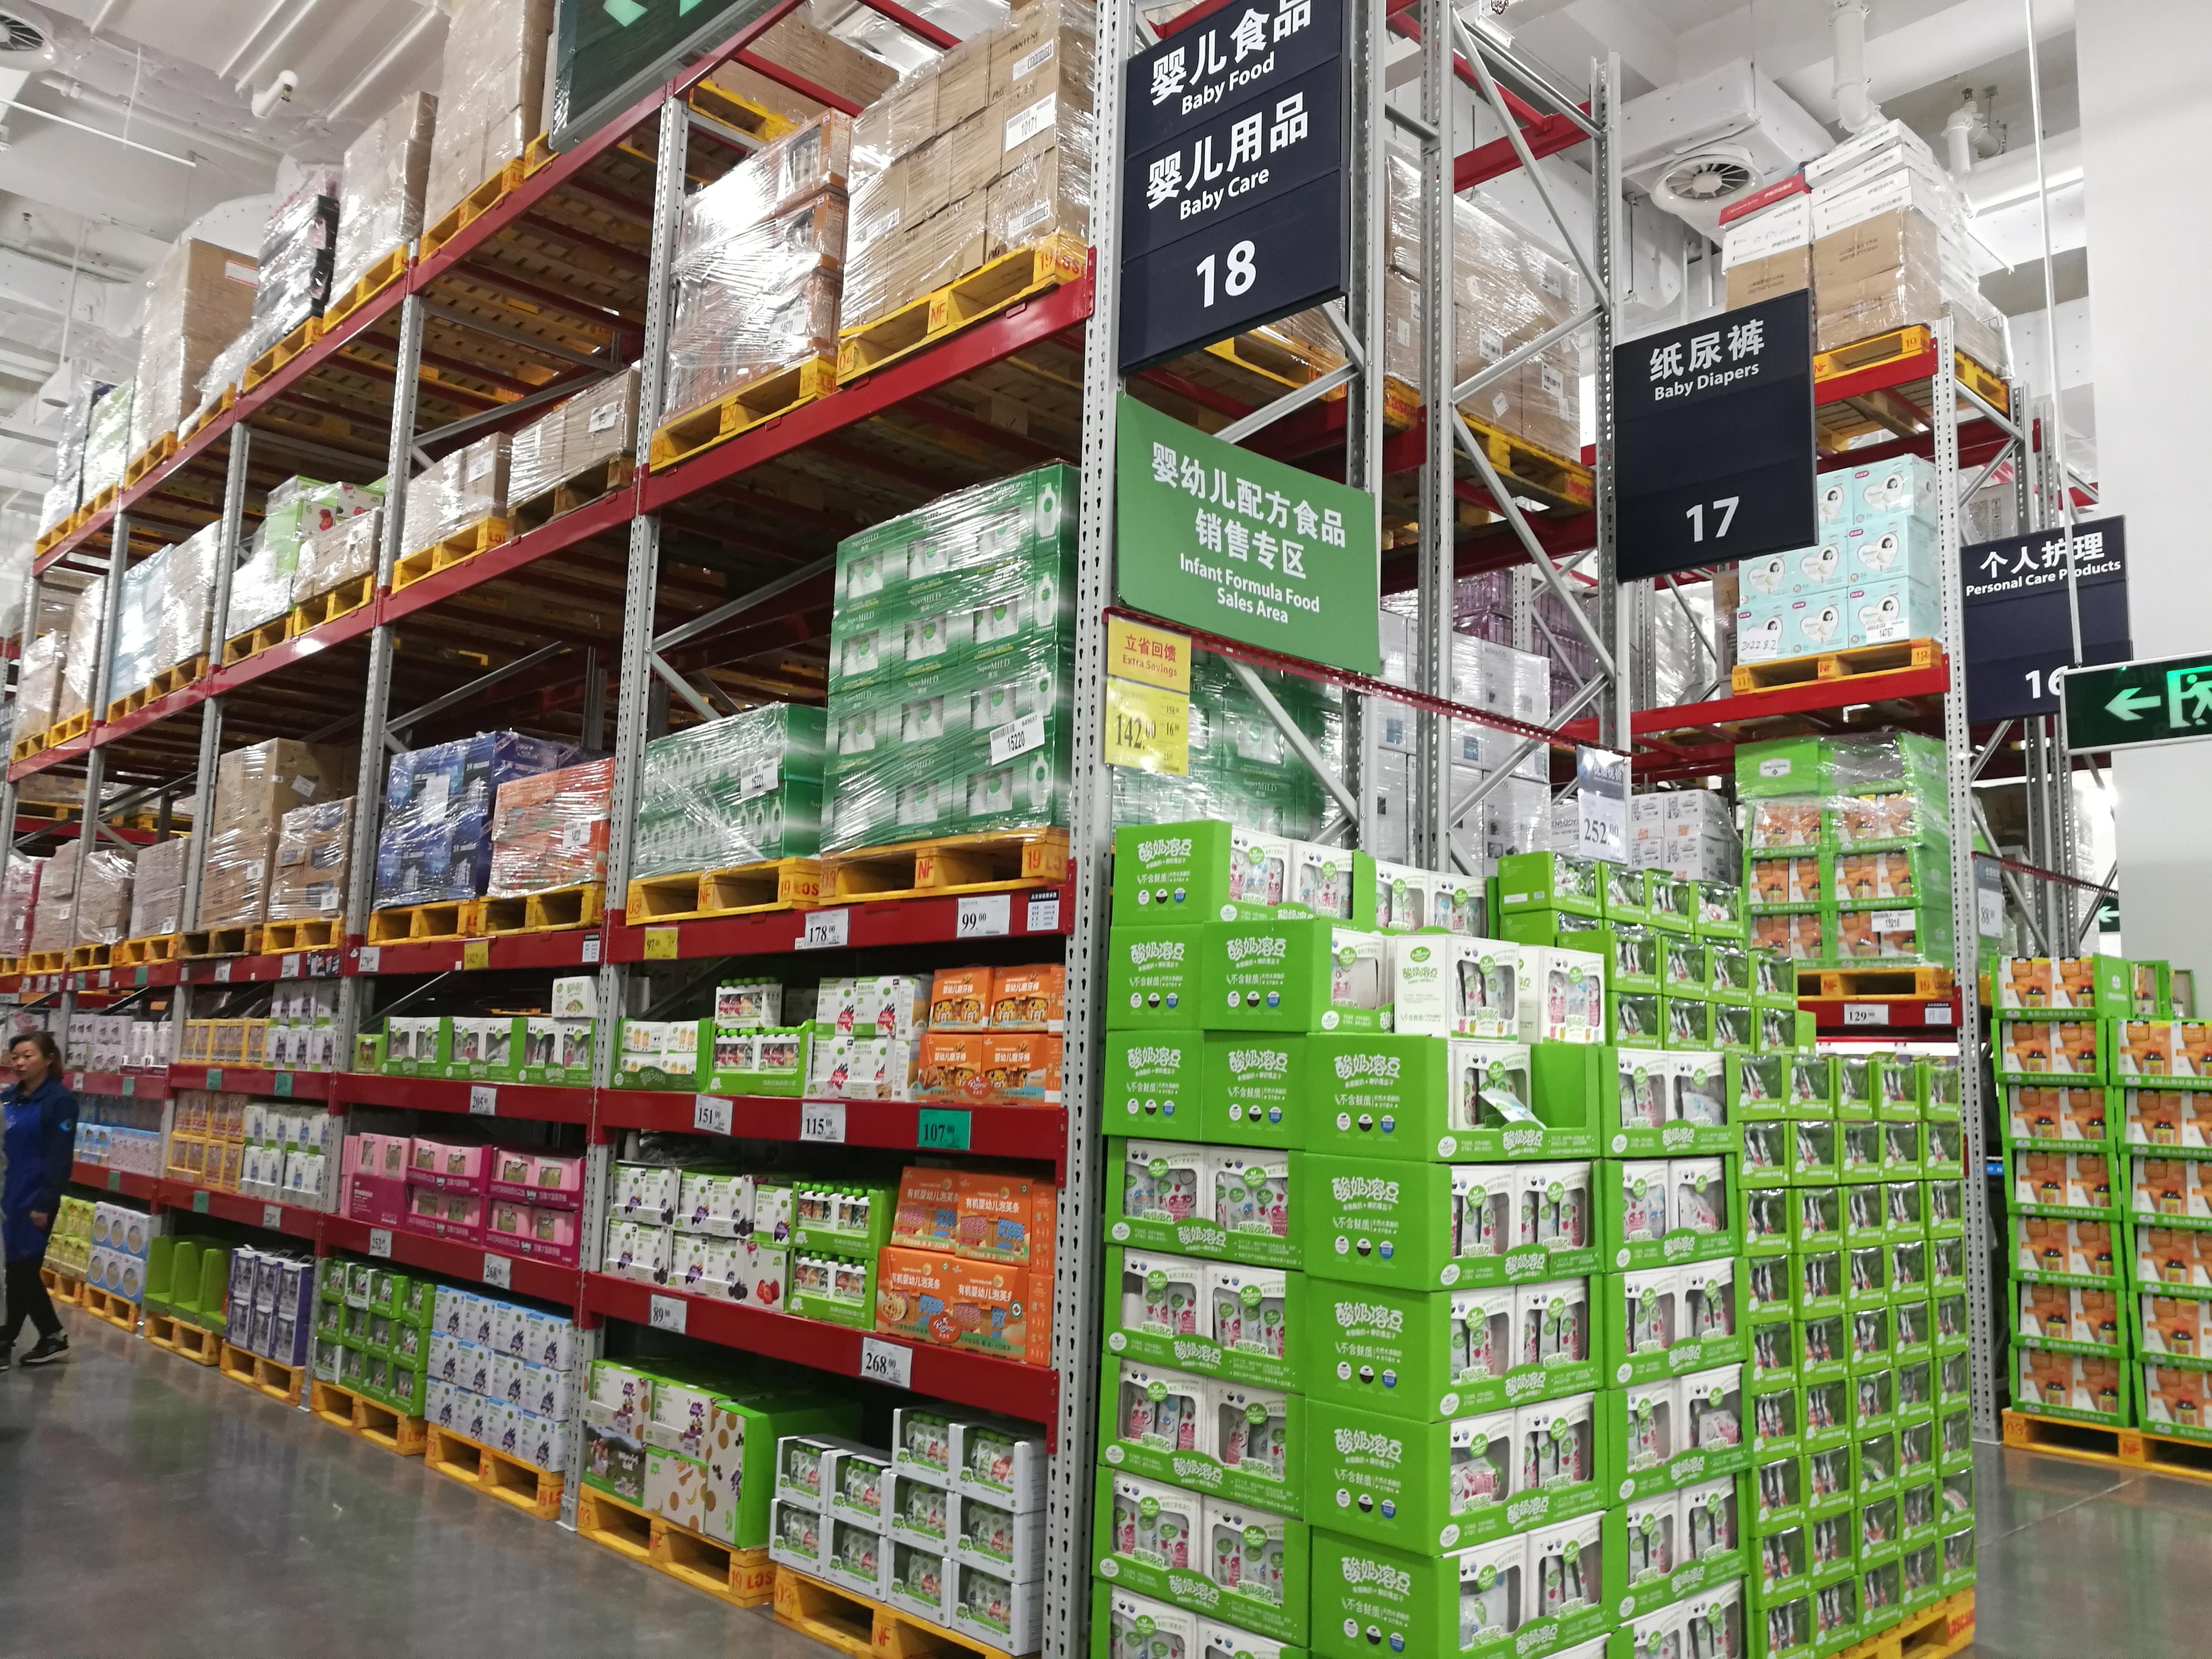 大力推广更贵的会员,山姆还要在中国建更多店和仓